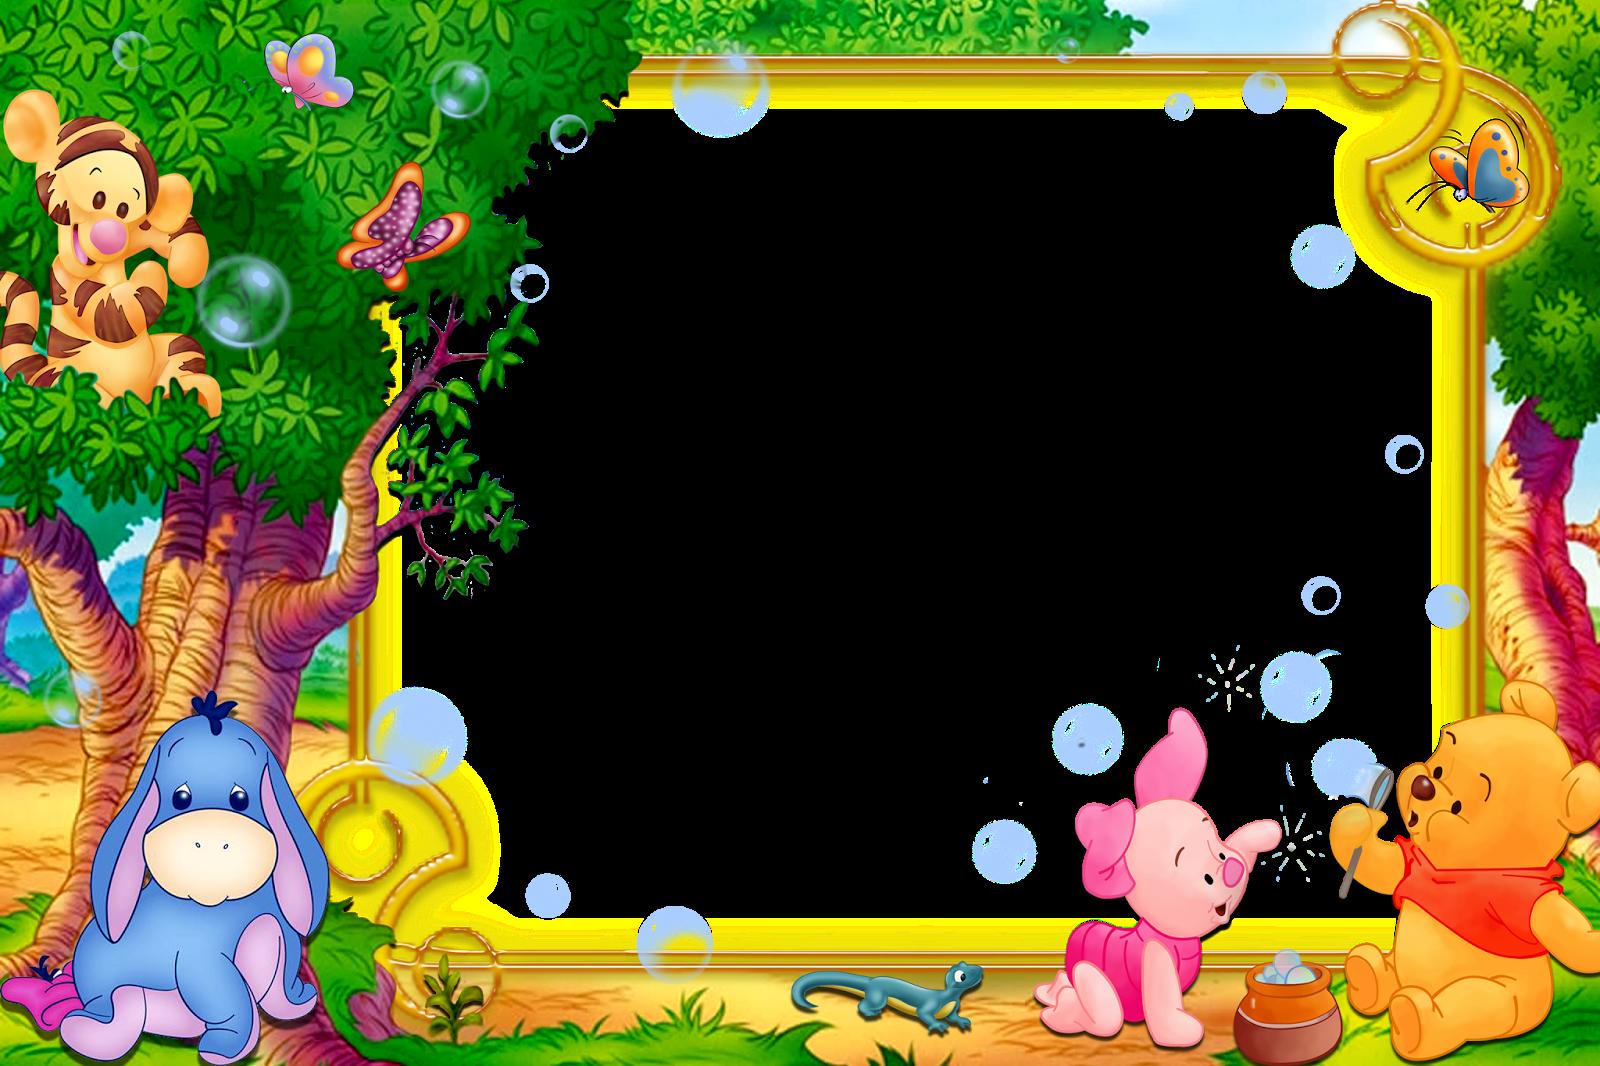 Winnie pooh im genes tarjetas frases dulces y mensajes for Bebes disney jardin